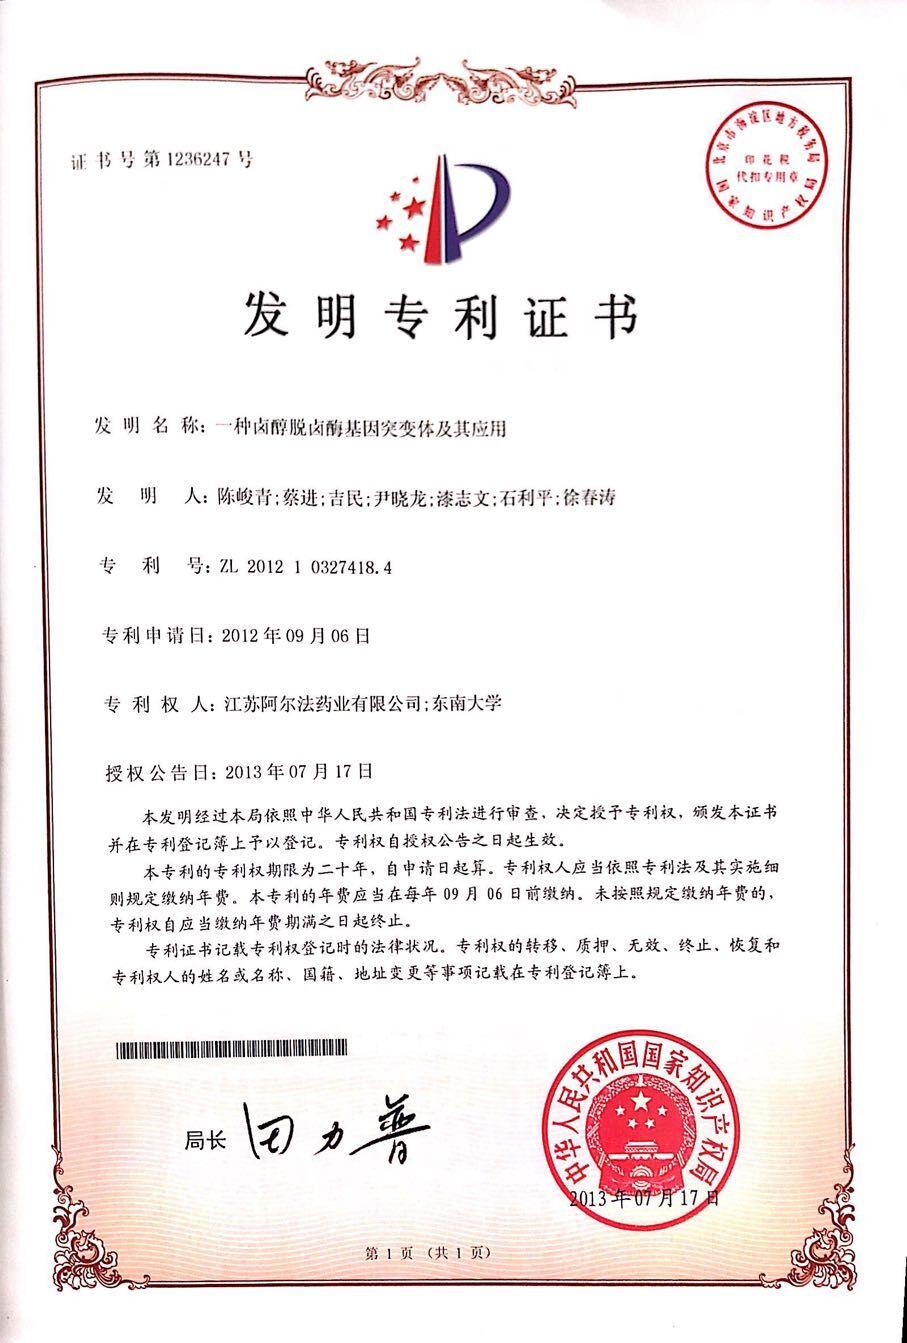 榮譽-專利-2.一種鹵醇脫鹵酶基因突變體及其應用